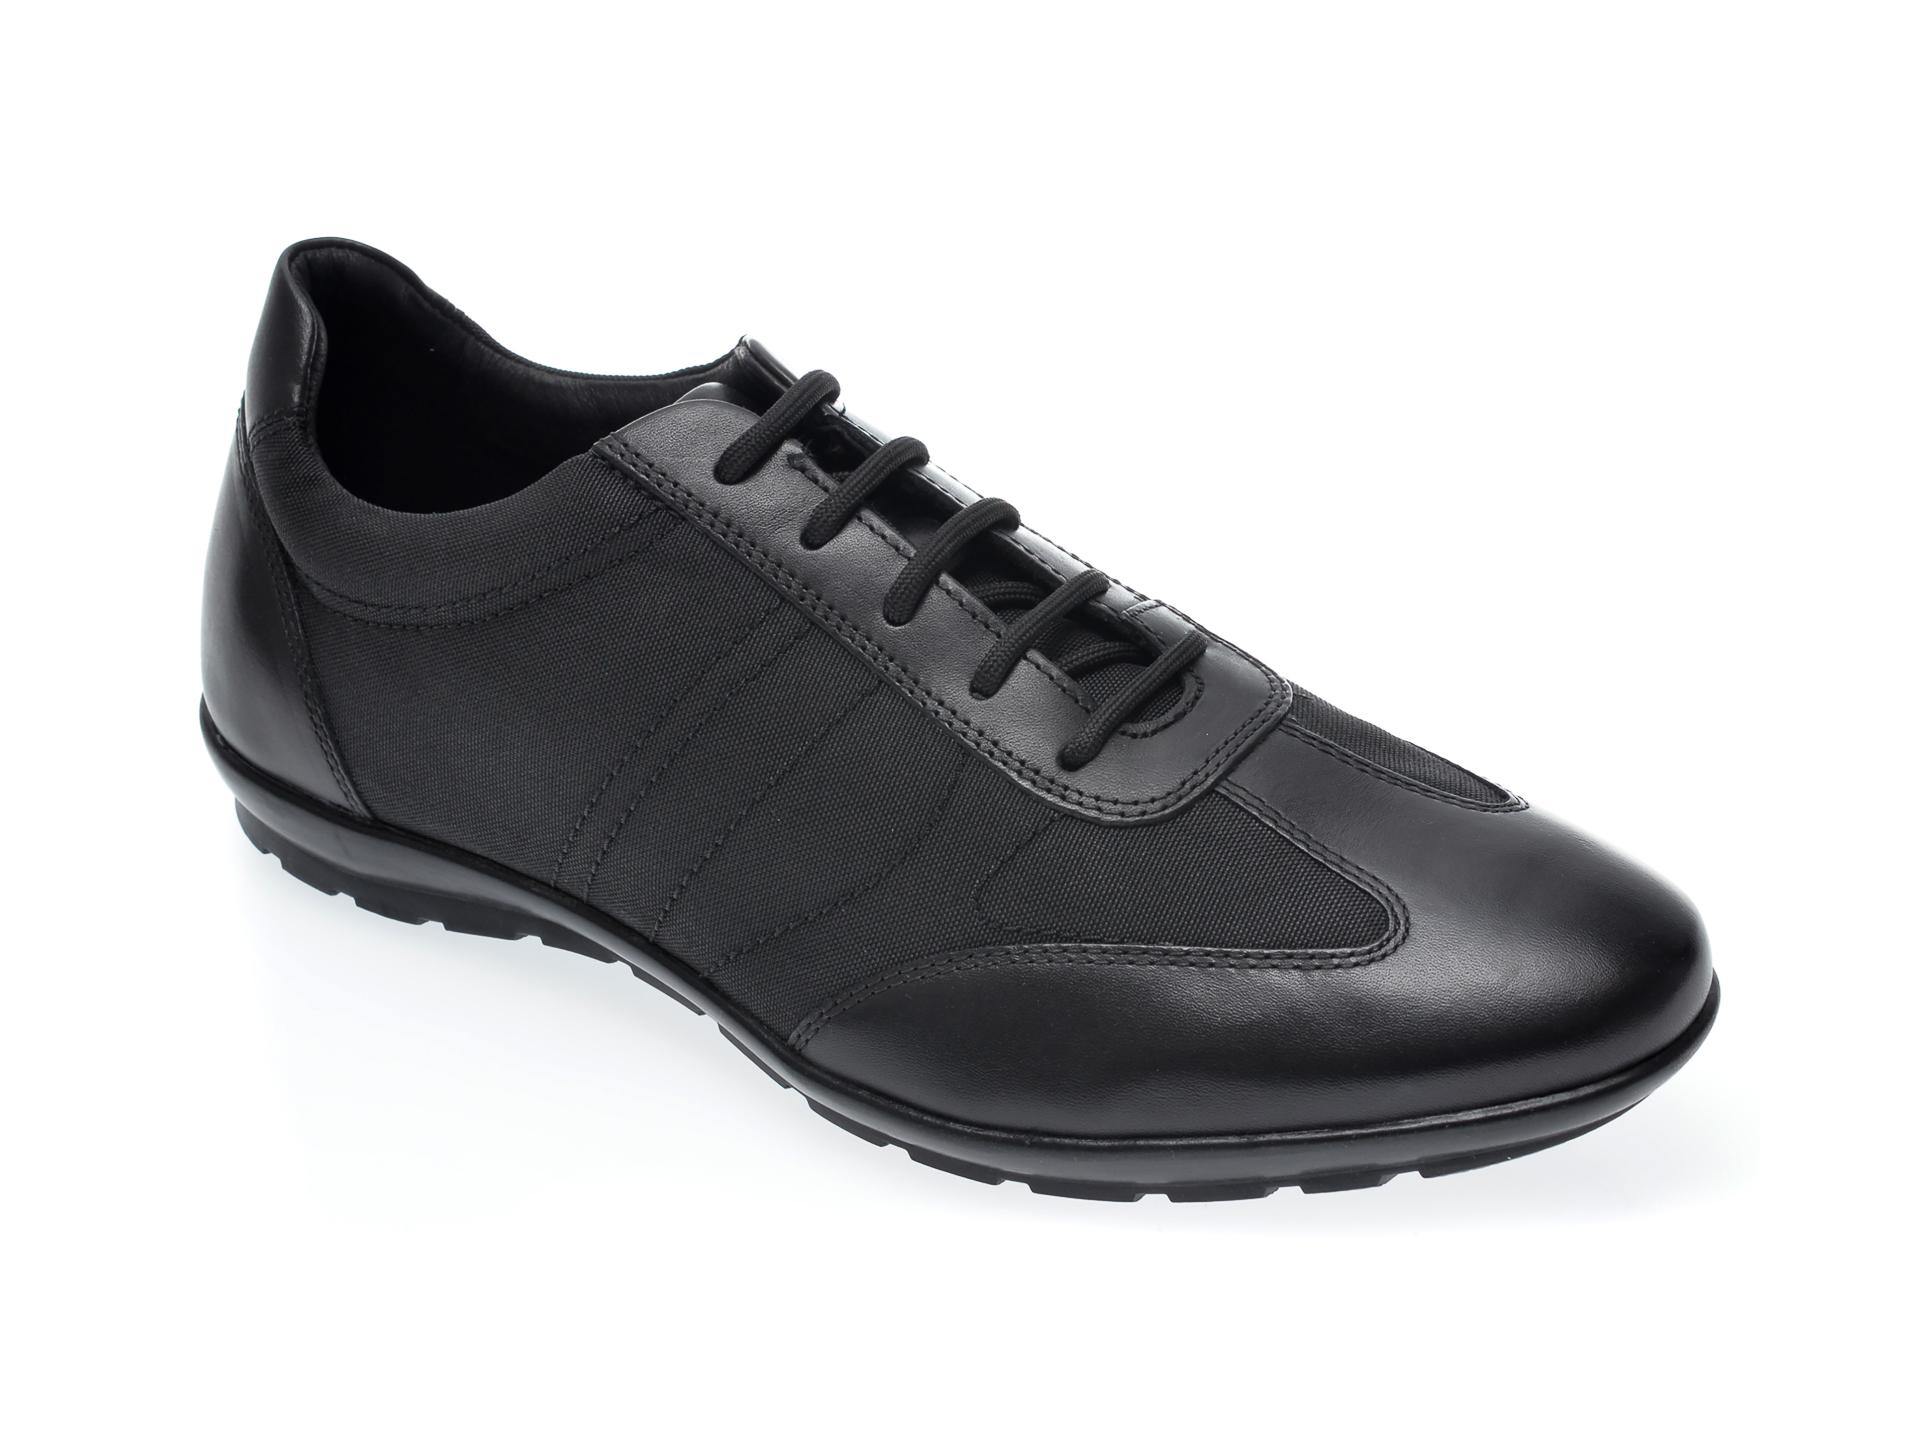 Pantofi GEOX negri, U74A5B, din material textil si piele naturala imagine